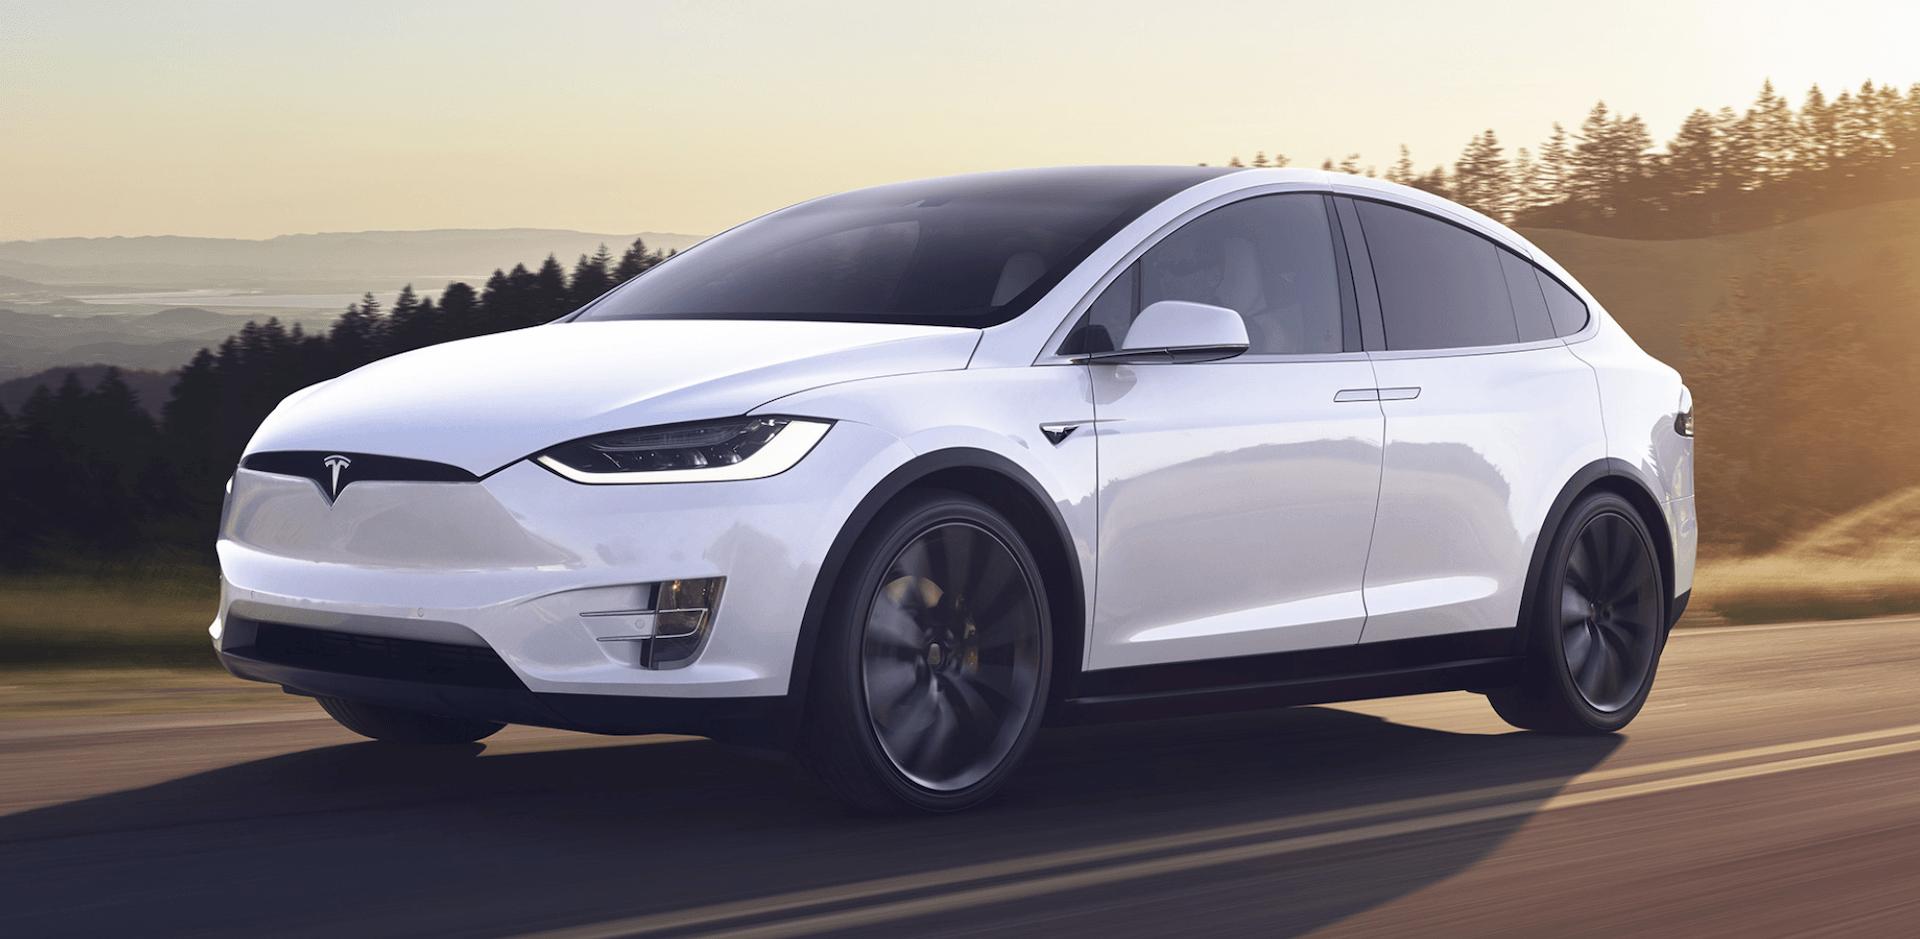 Et si le piratage de panneaux publicitaires devenait un vrai danger pour l'Autopilote des Tesla?